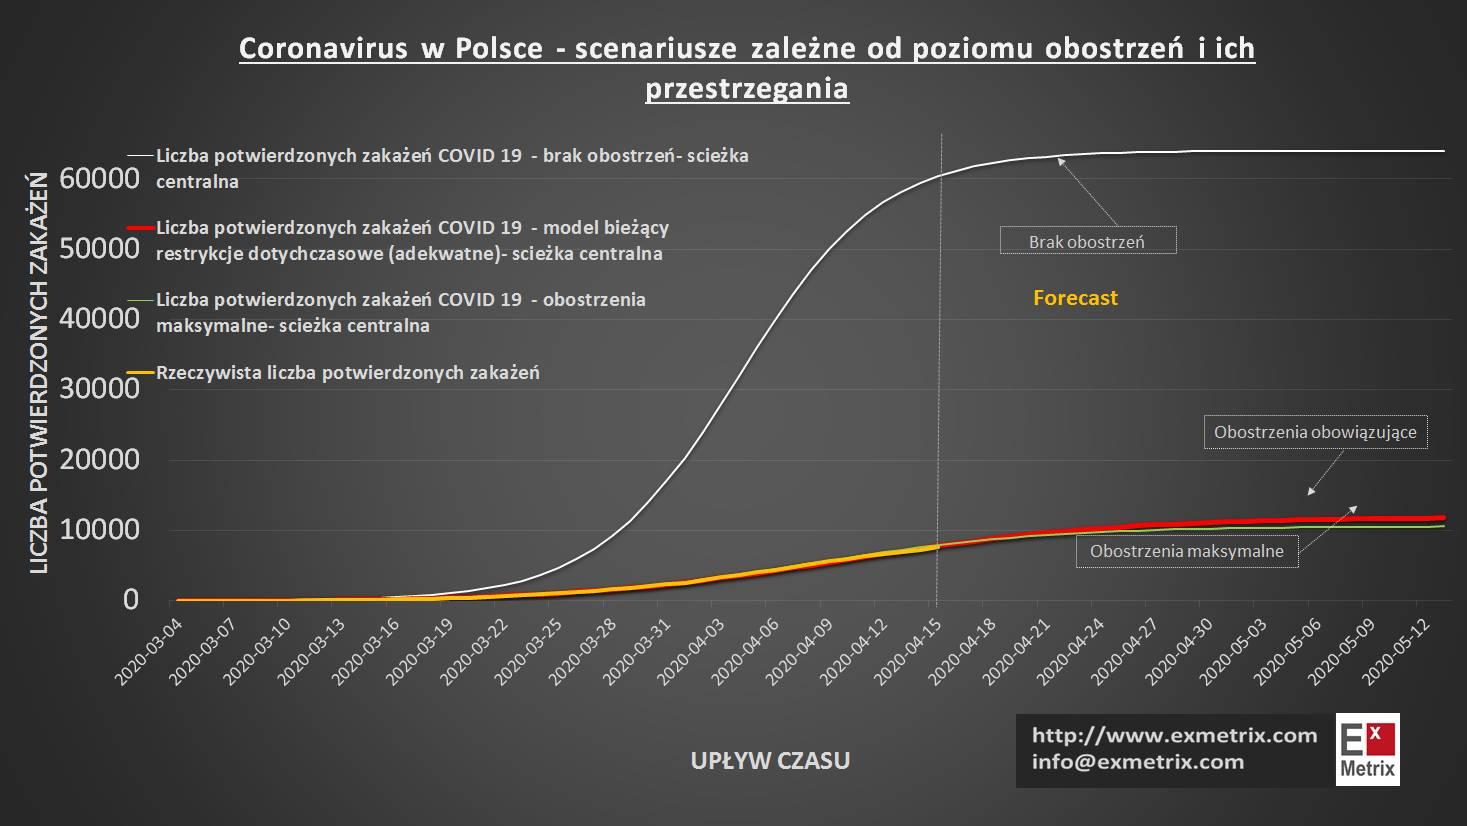 Koronawirus w Polsce – scenariusze zależne od poziomu obostrzeń. ExMetrix